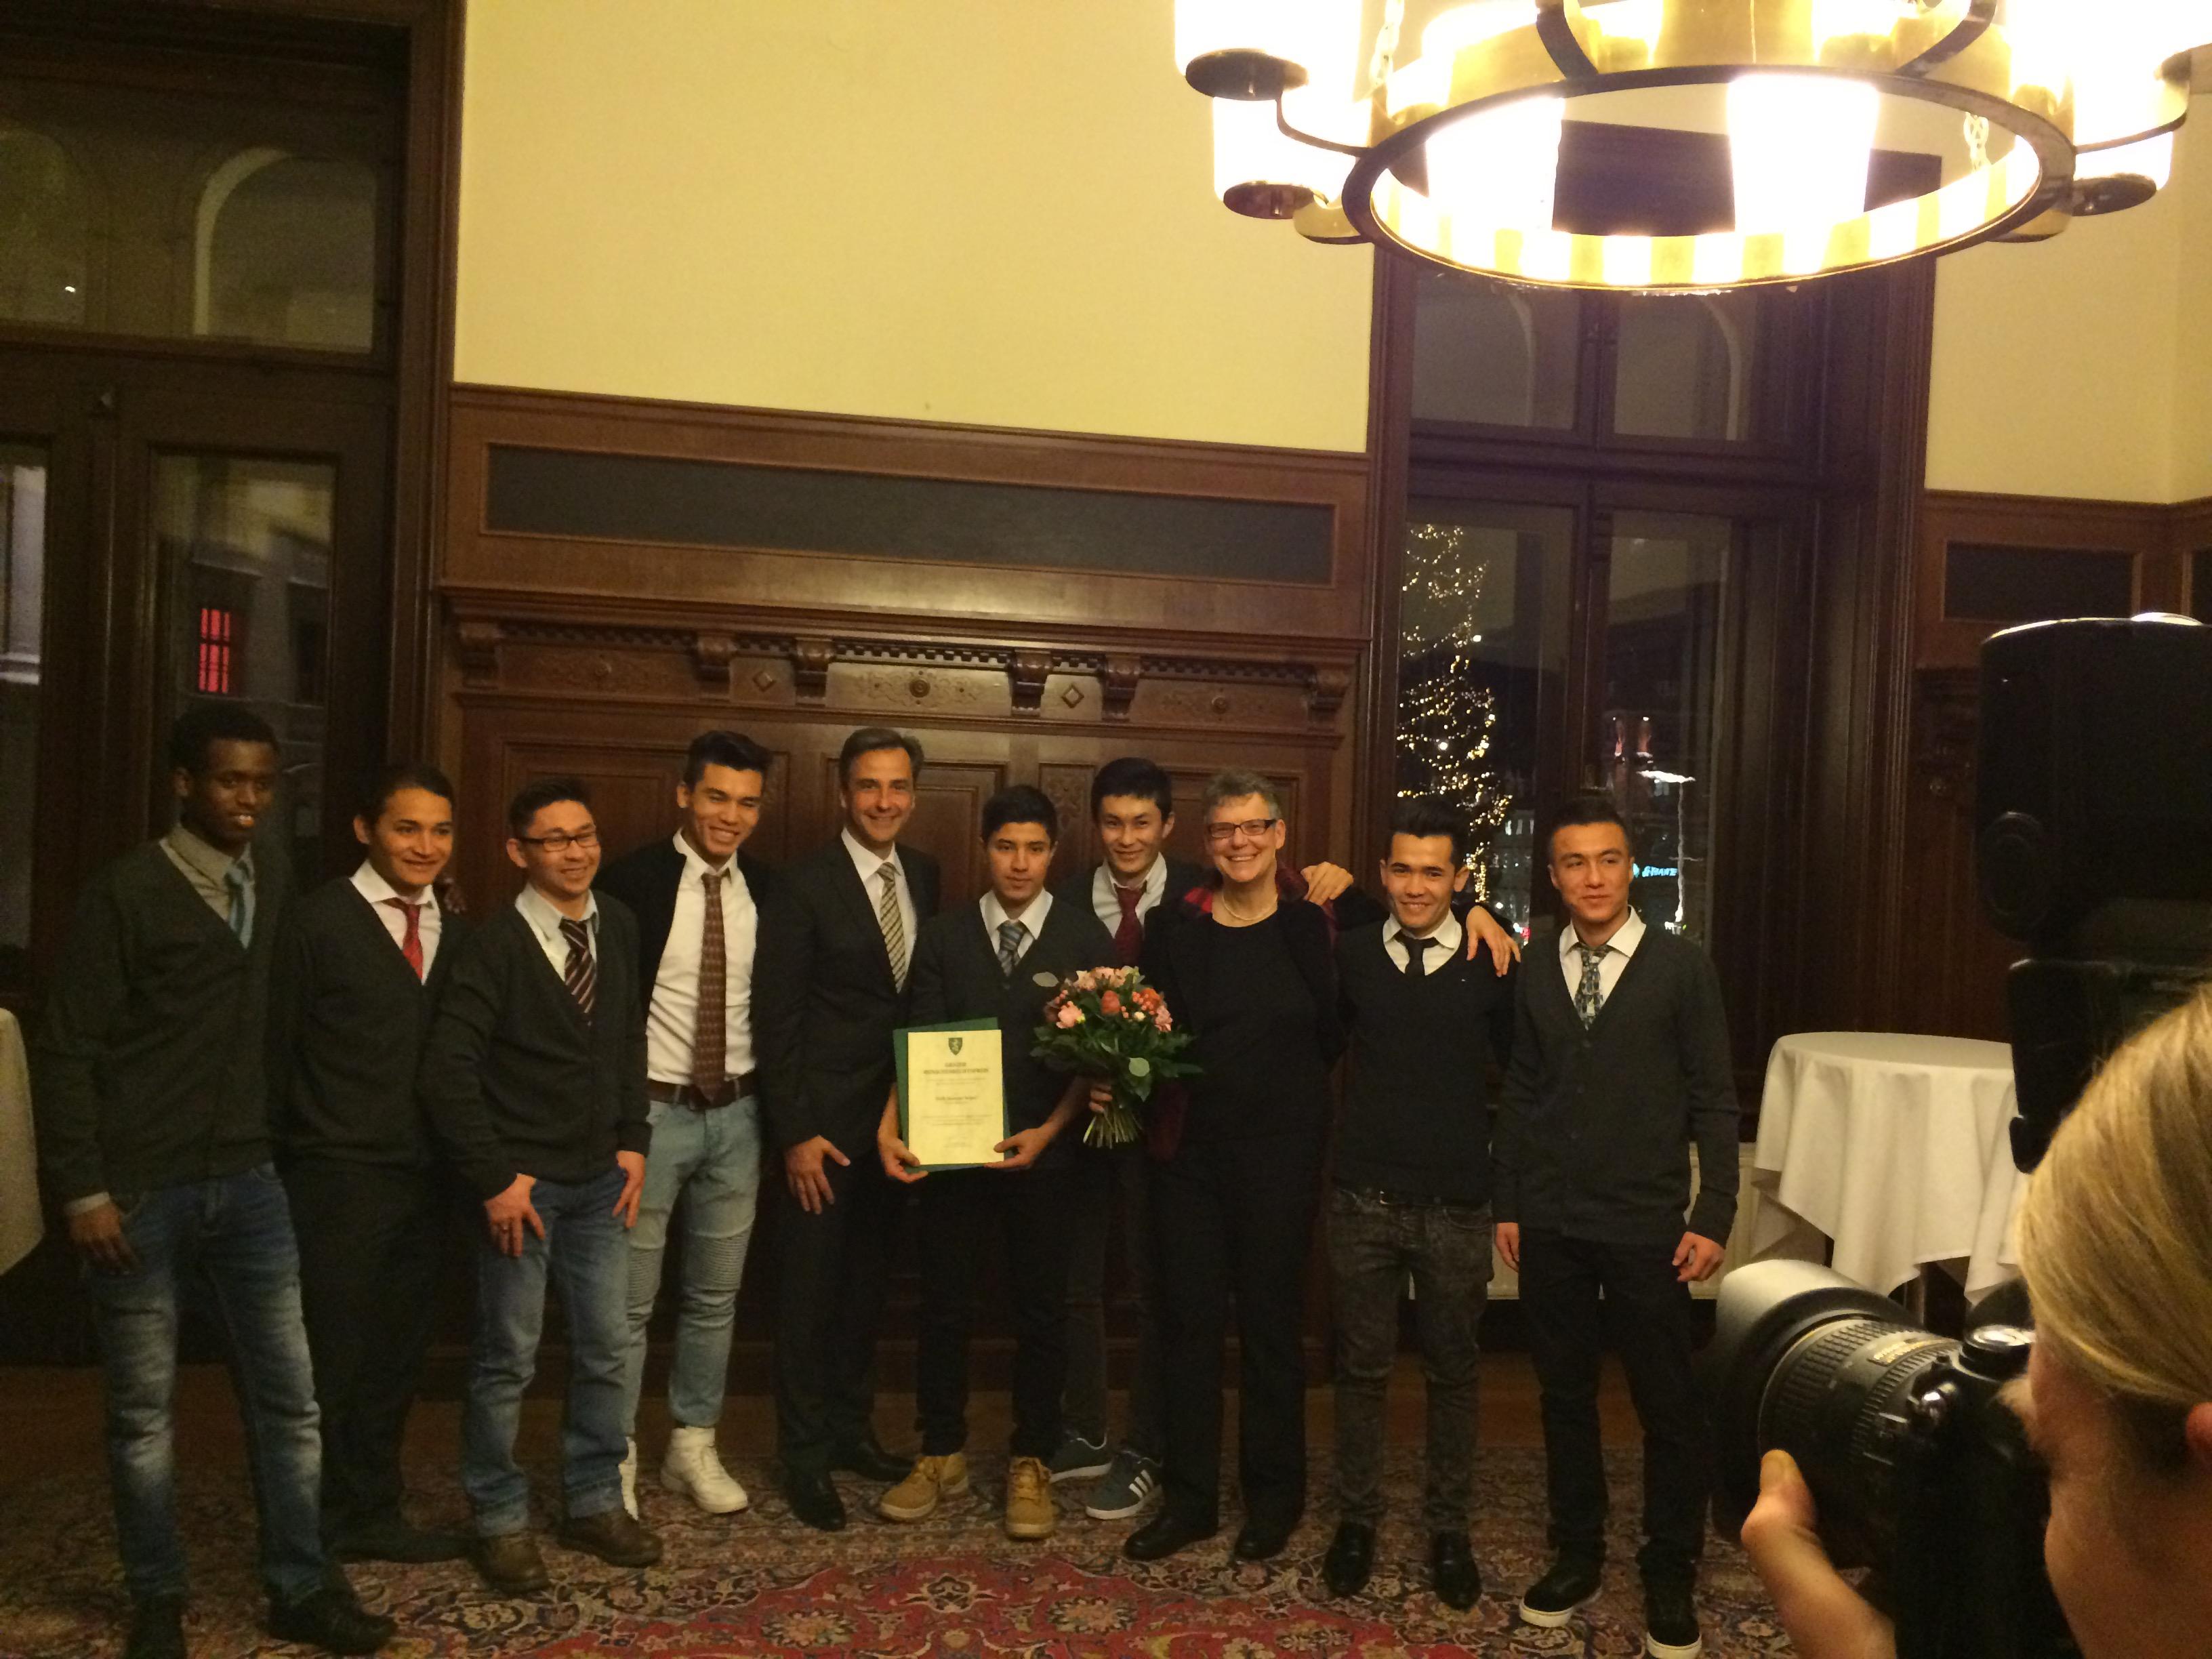 Menschenrechtspreis der Stadt Graz für Ruth Seipel